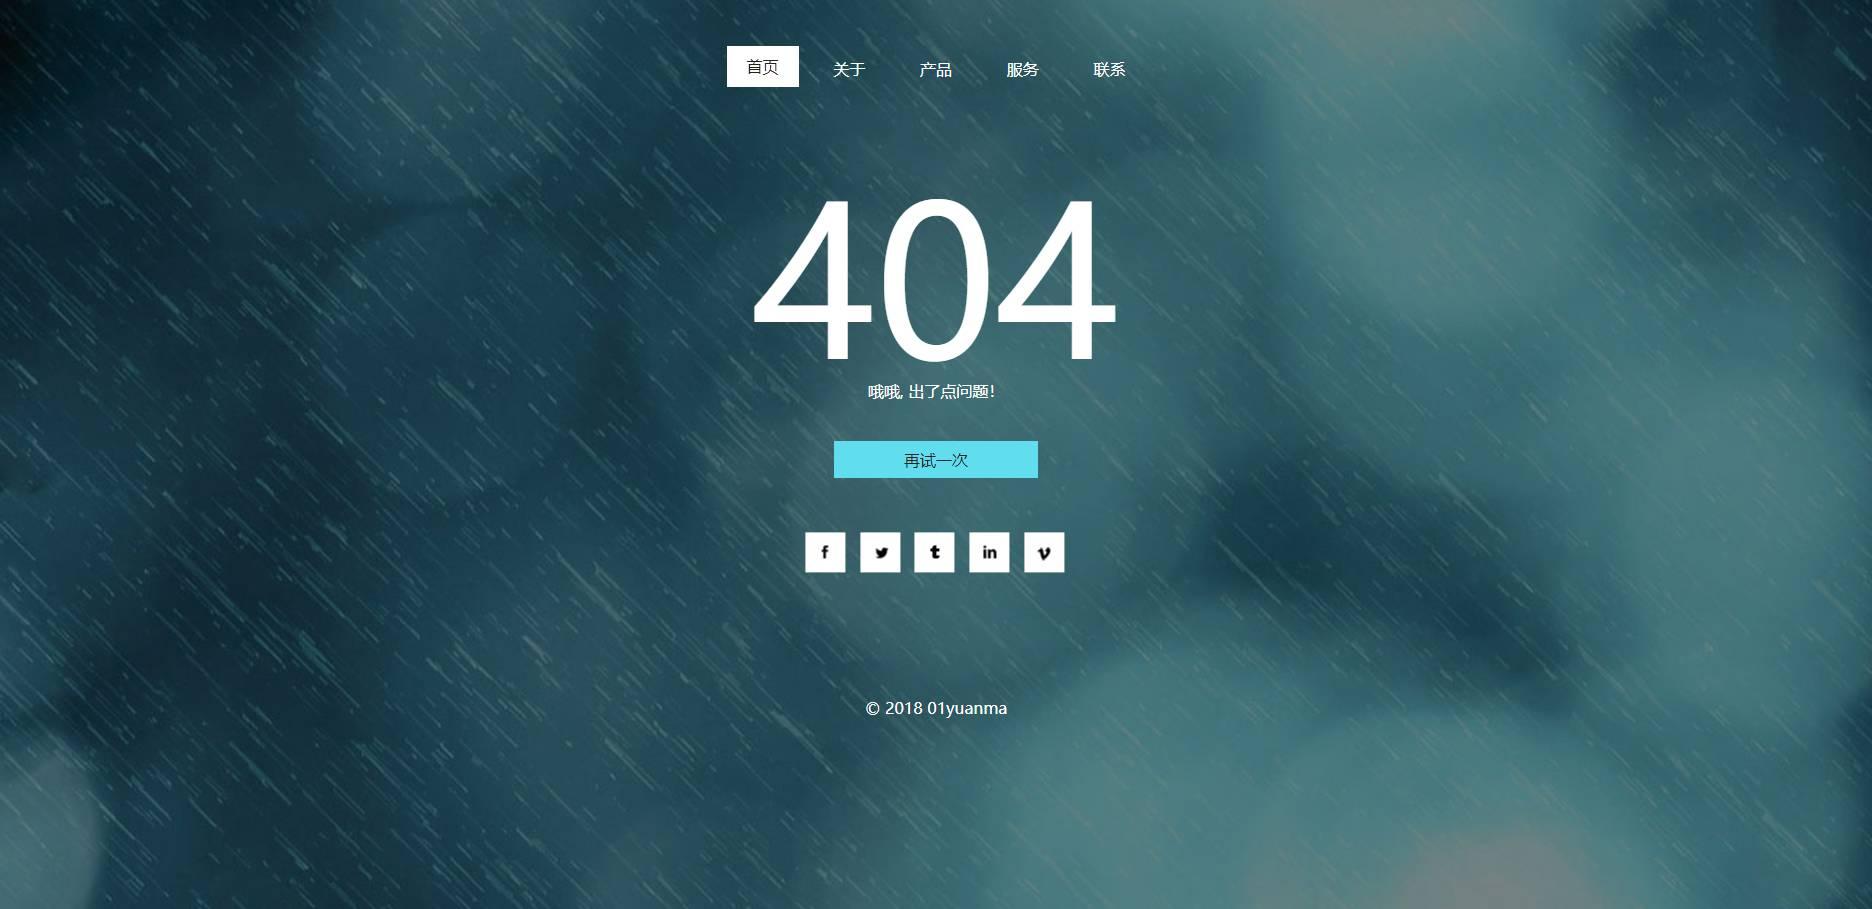 雨滴带社交分享404错误页面html模板